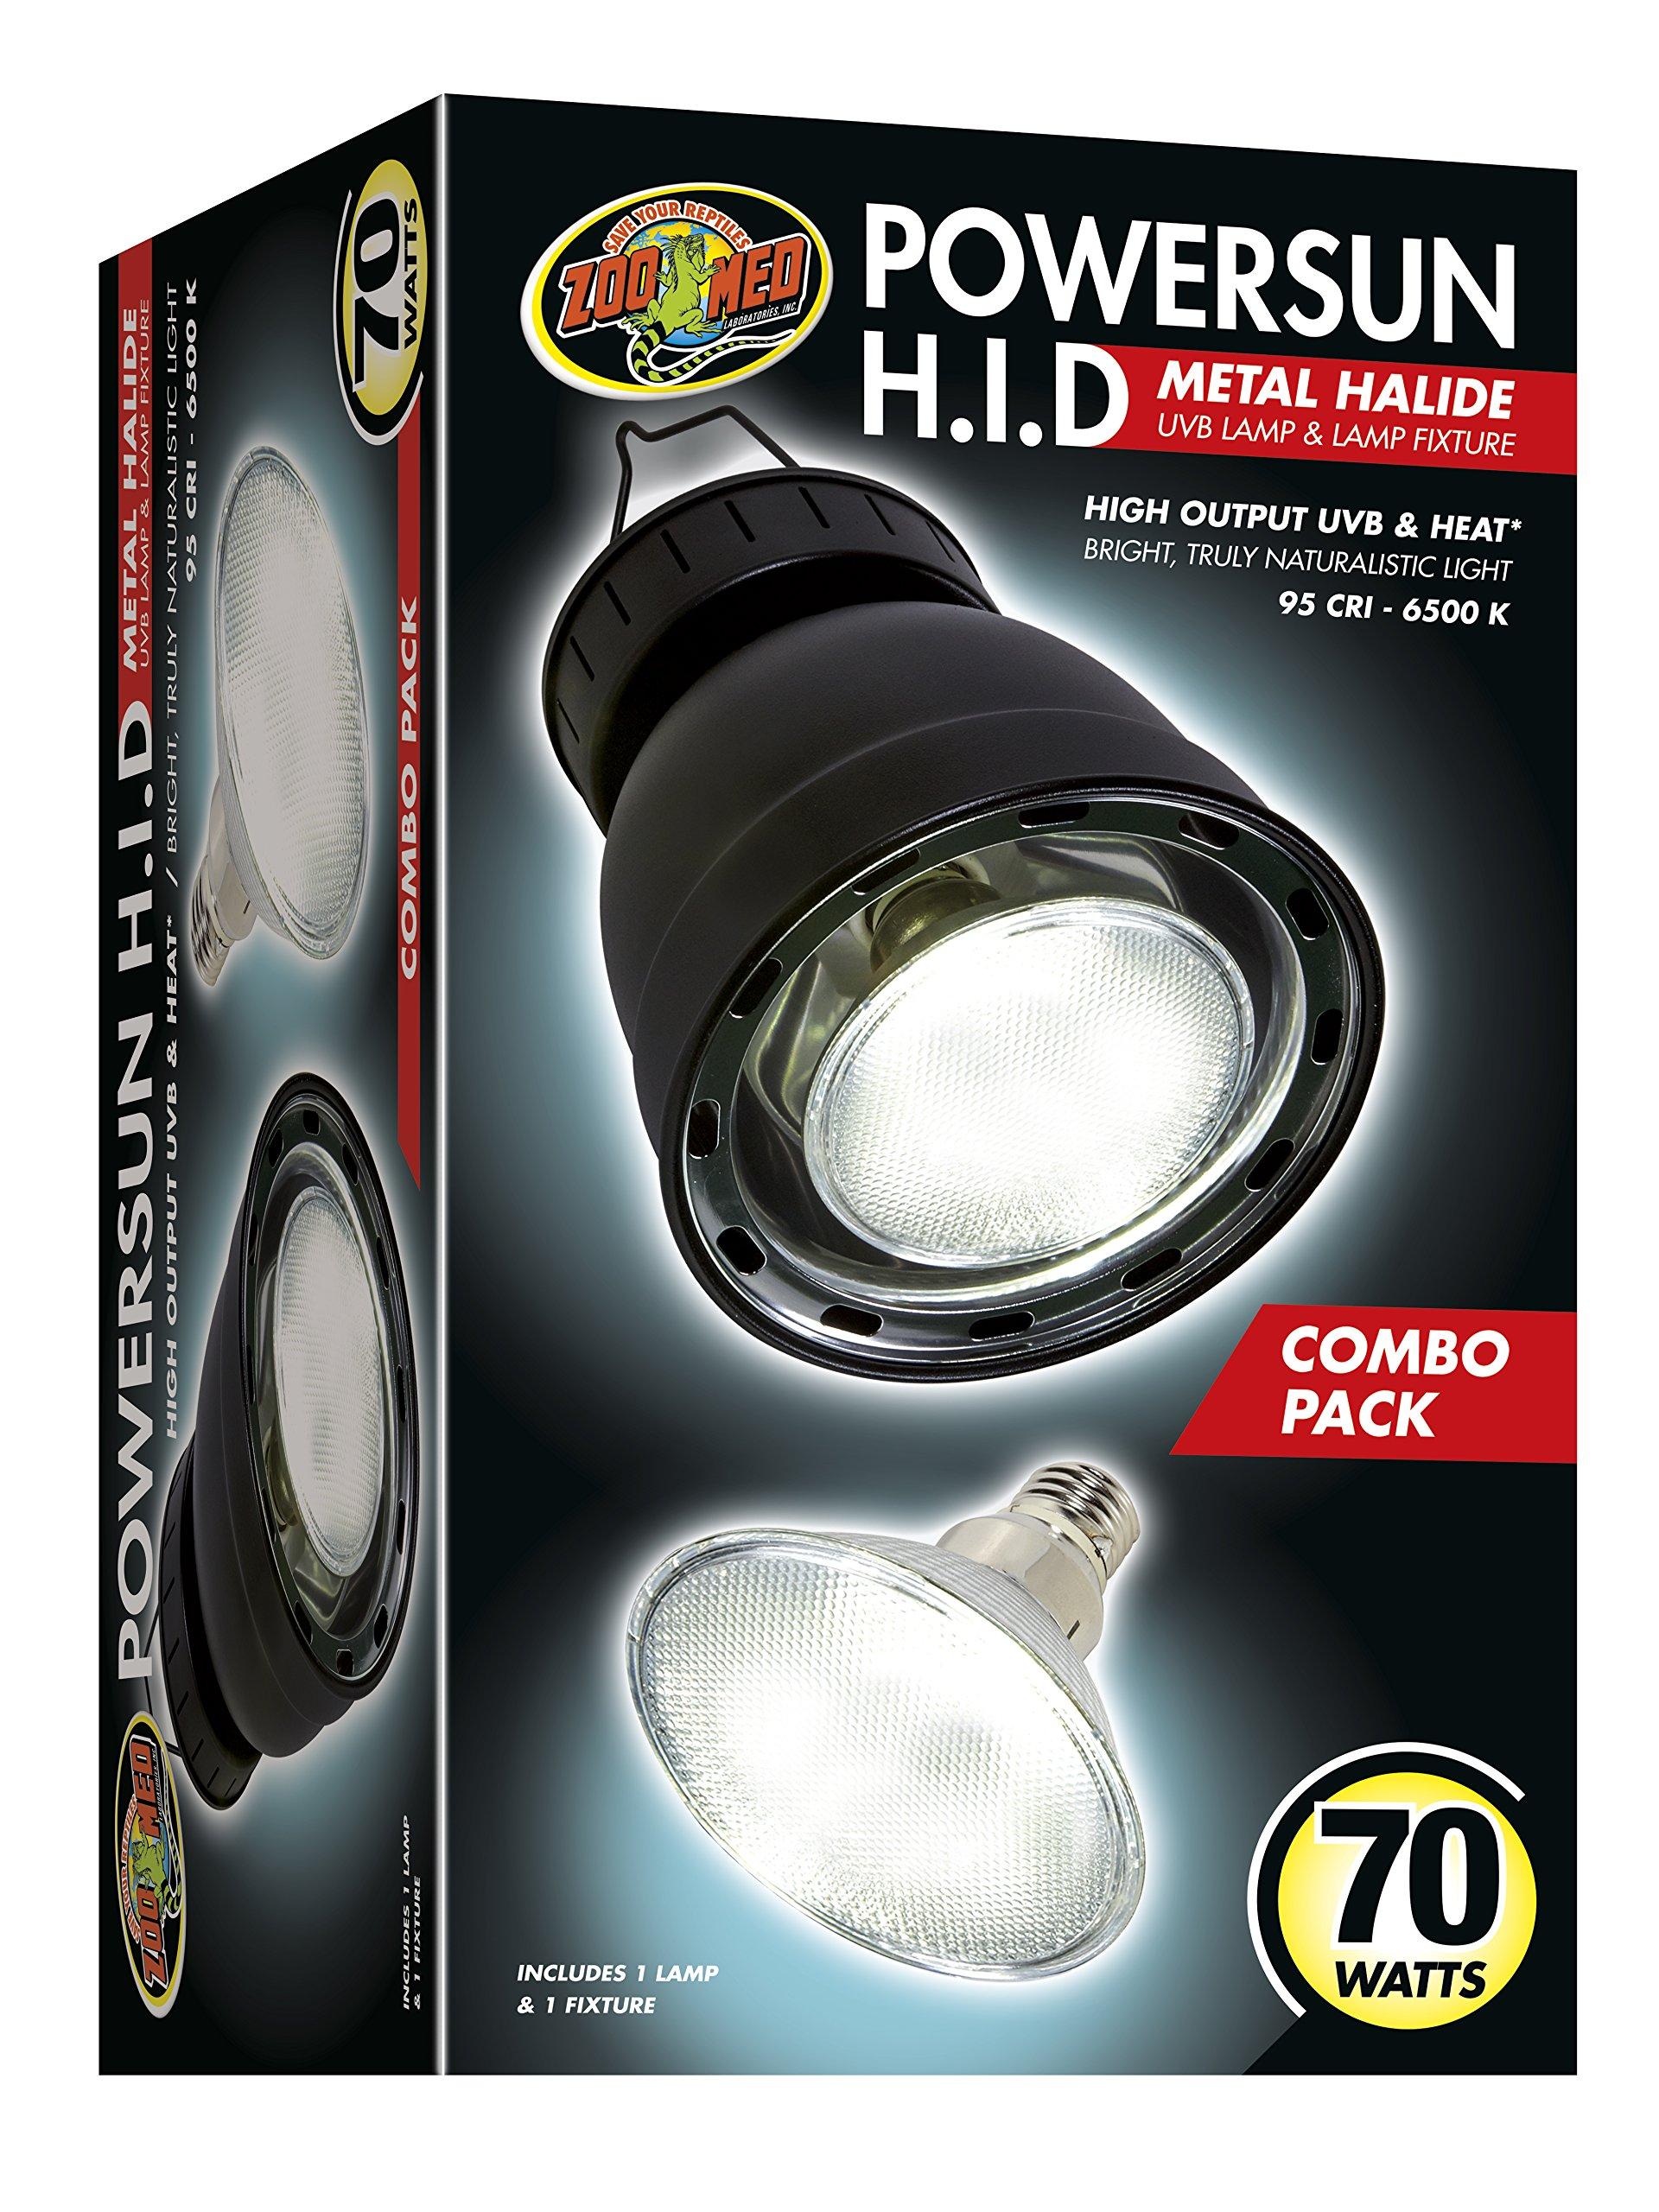 Zoo Med PowerSun H.I.D Metal Halide UVB Lamp & Lamp Fixture by Powersun